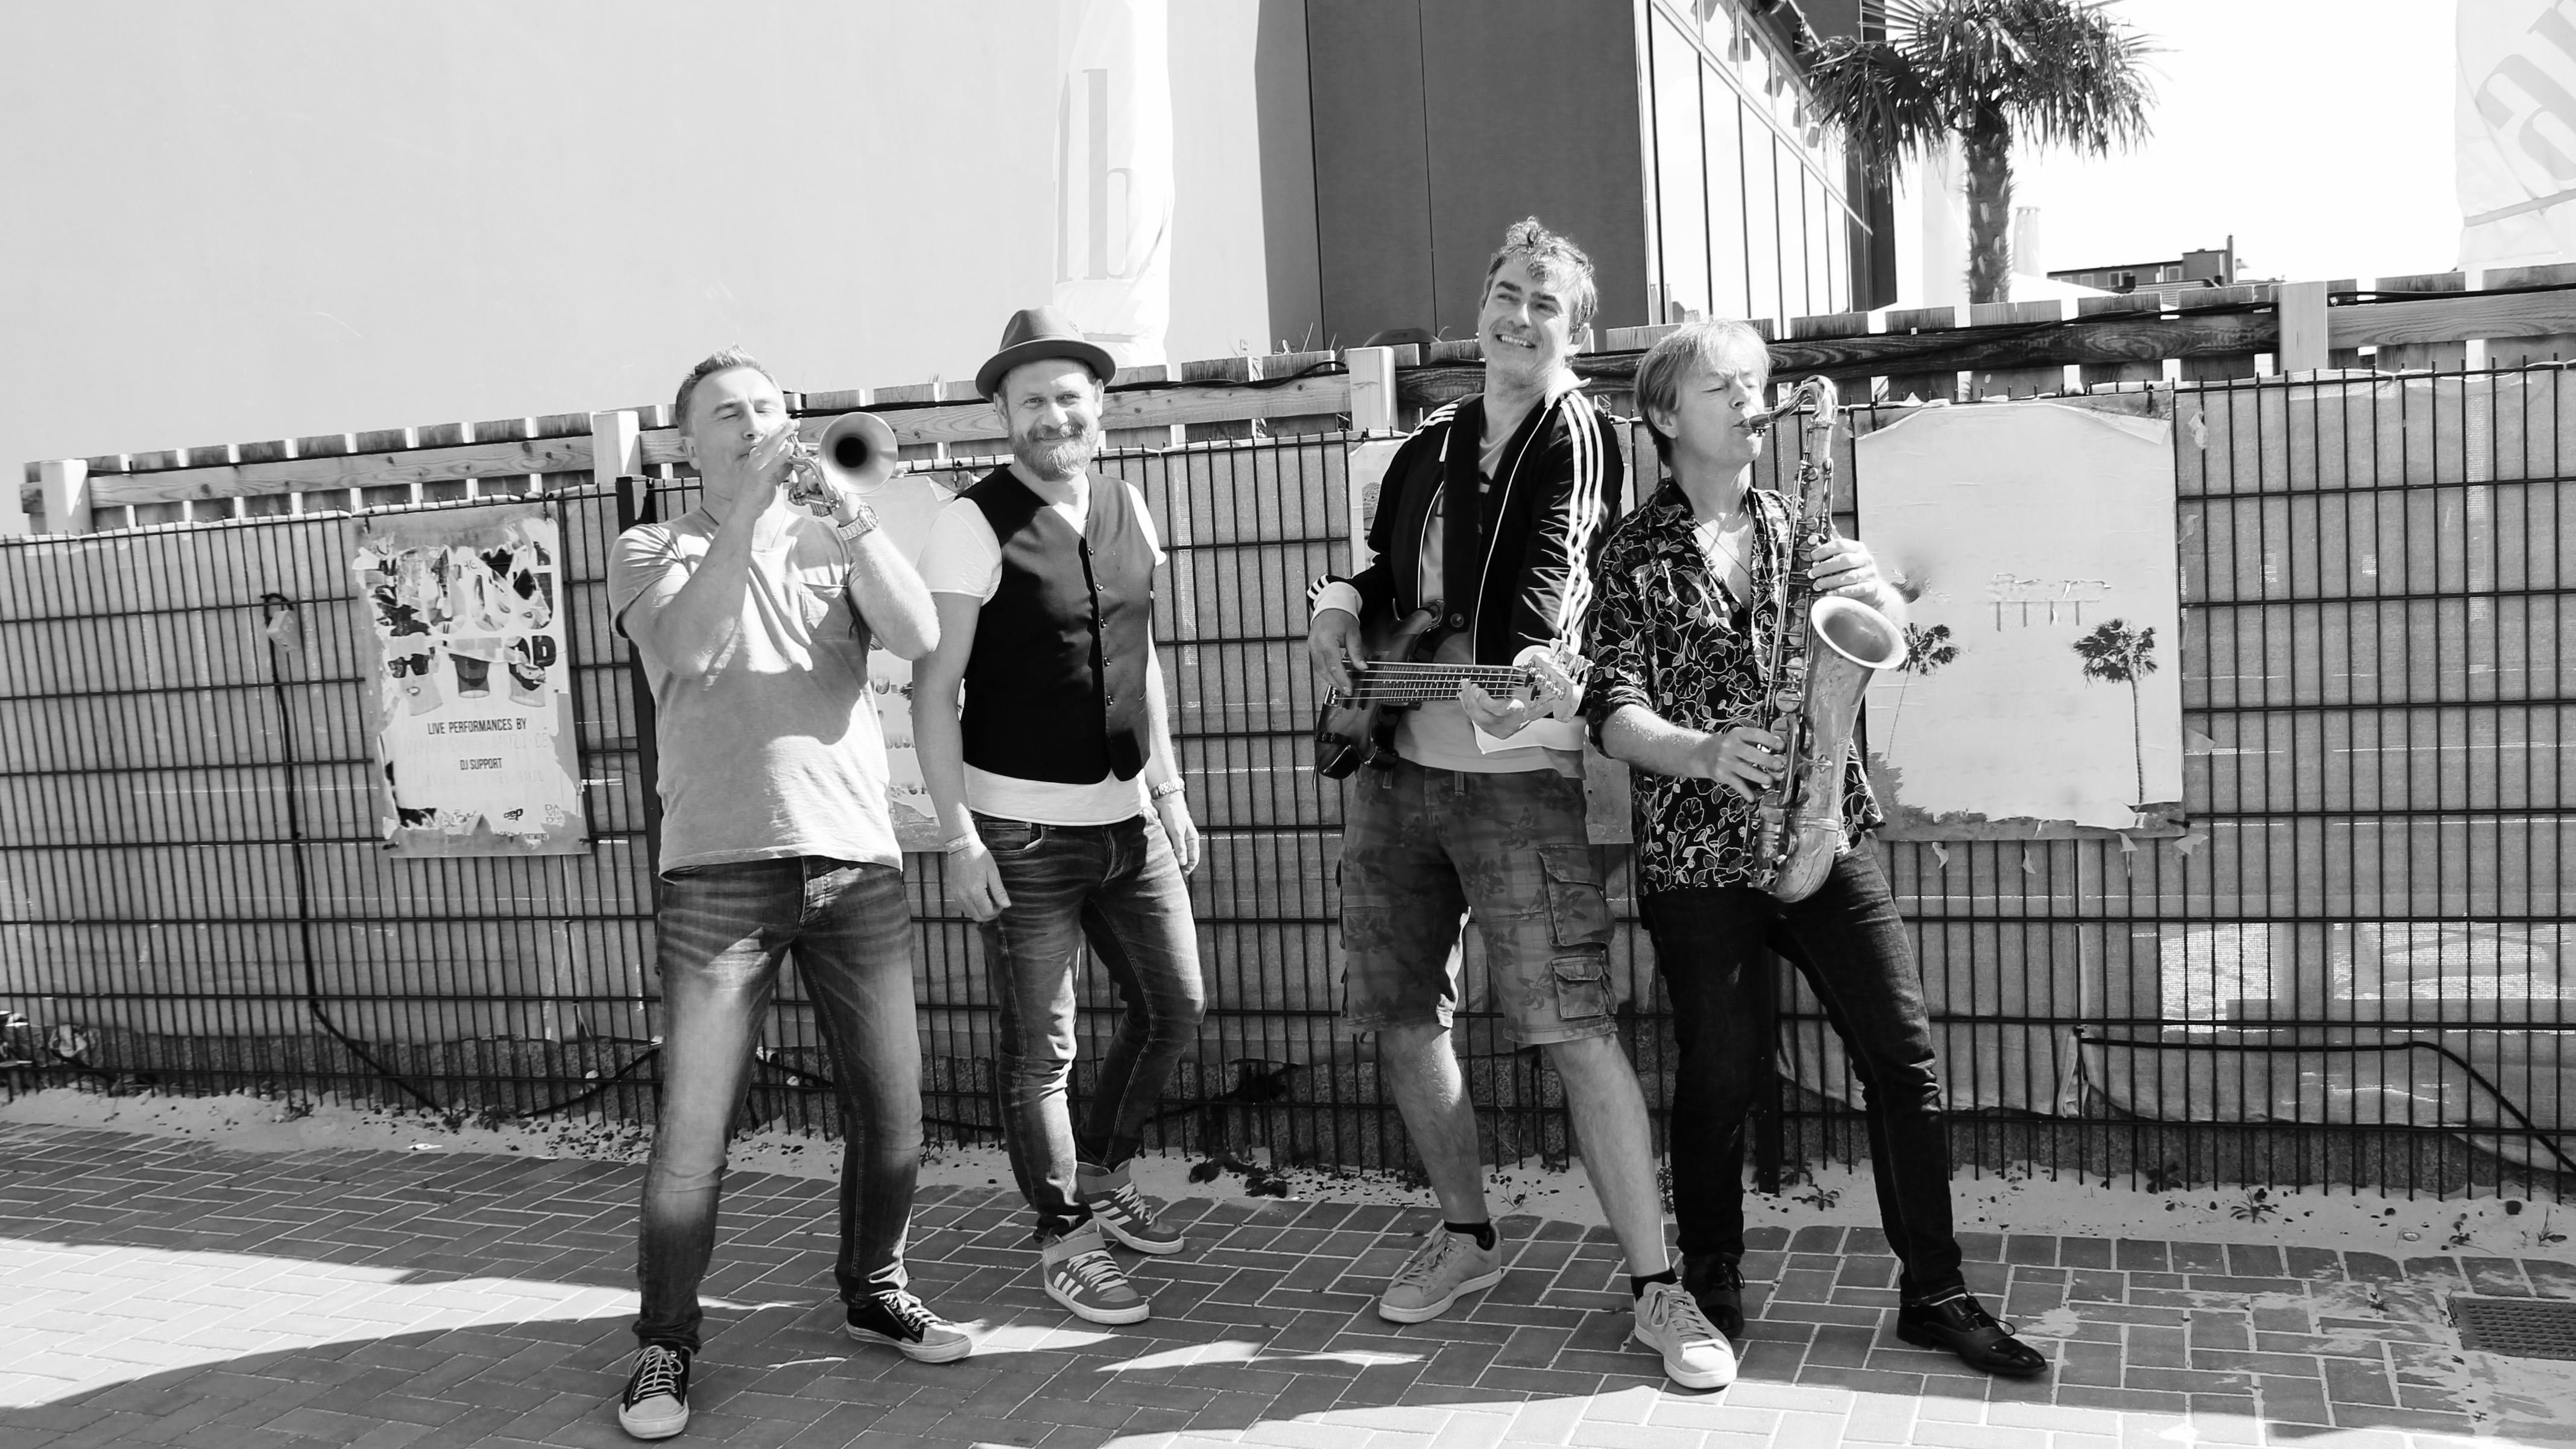 Go! 1 - Copyright Ulla Illerhaus